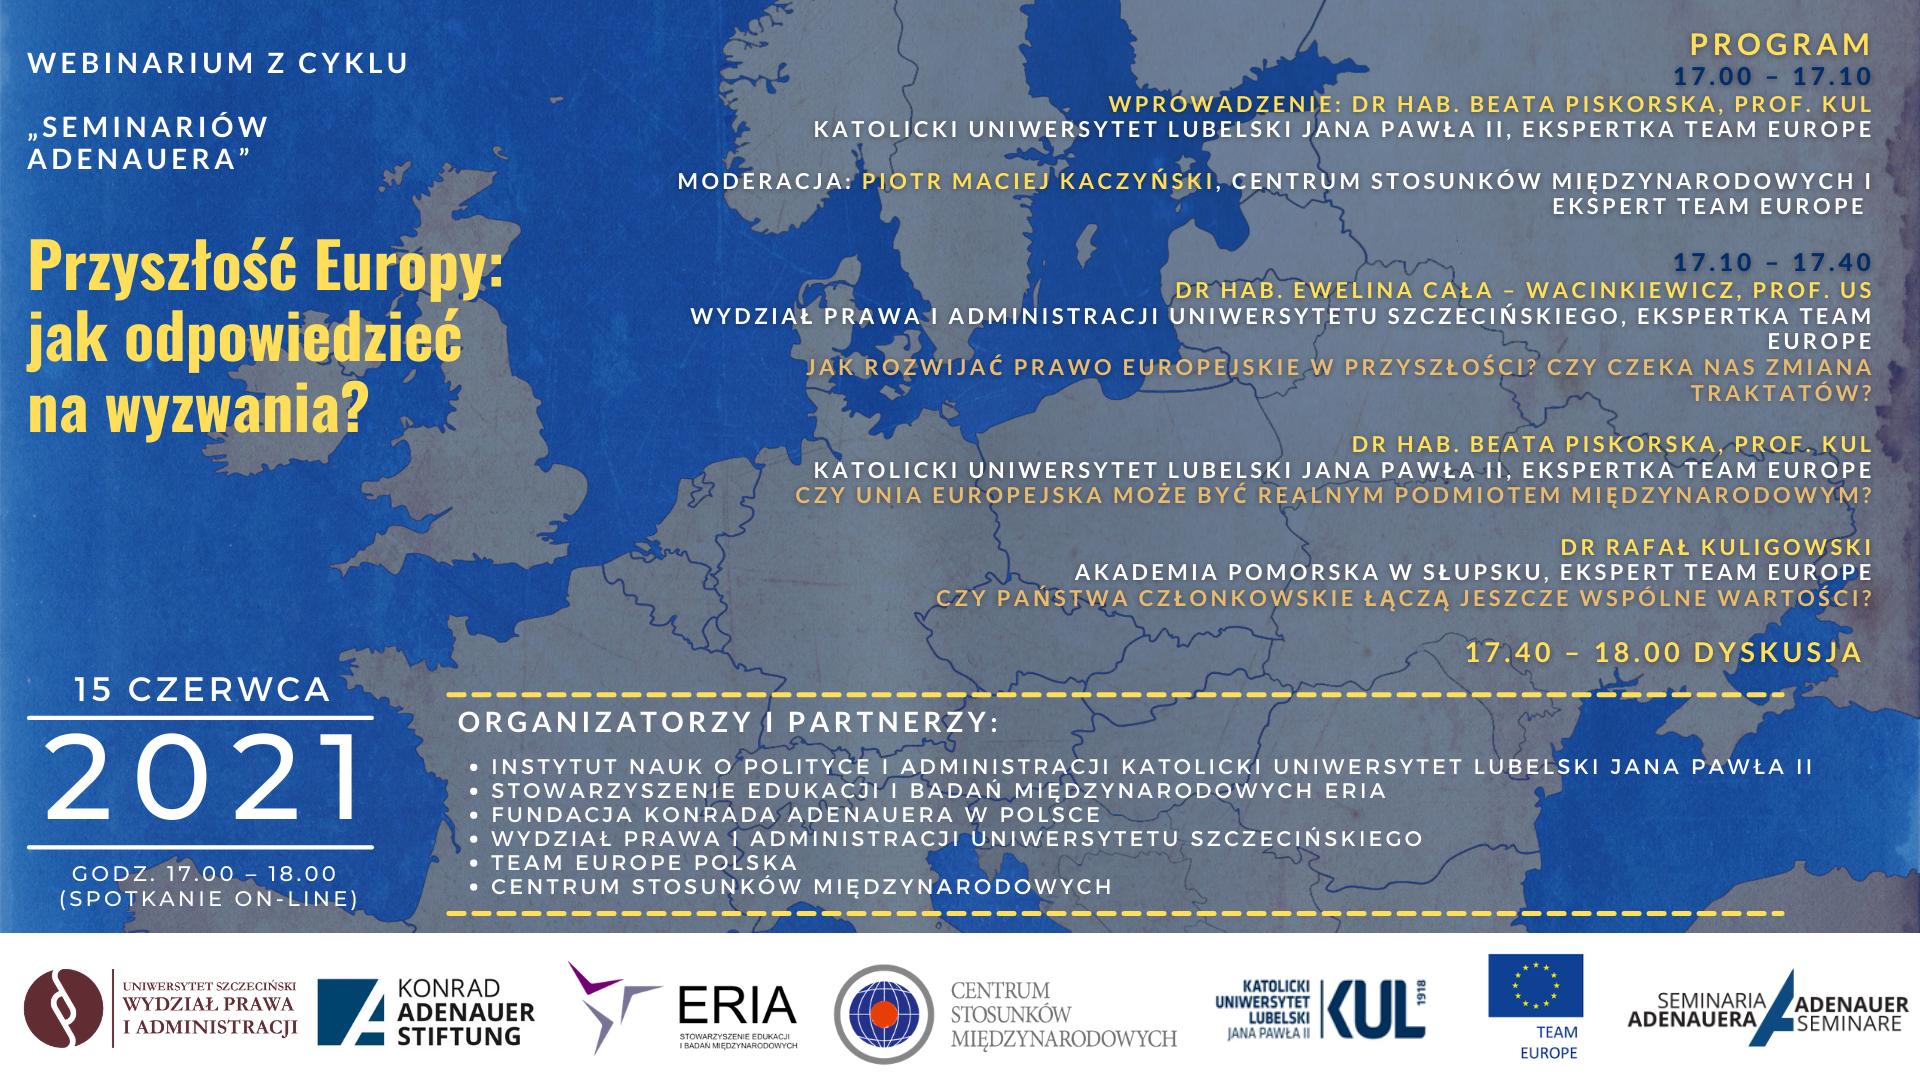 """Seminarium – """"Przyszłość Europy: jak odpowiedzieć na wyzwania?"""" (15 VI 2021)"""